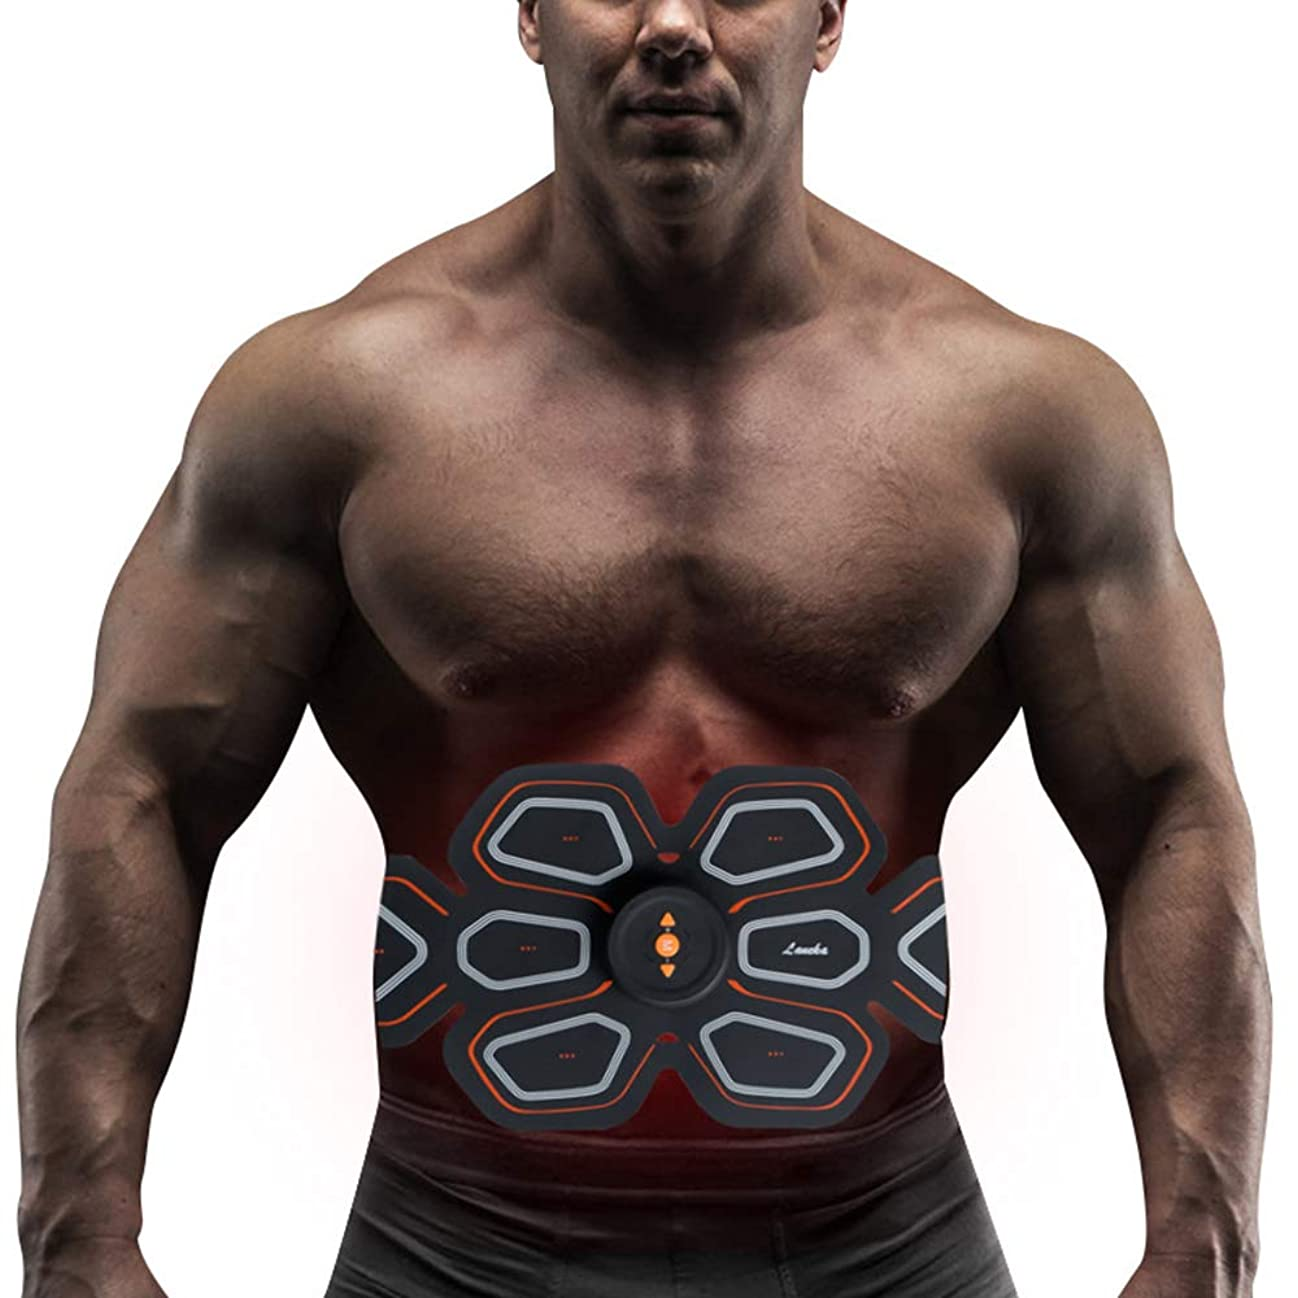 スイ売る通常スマート腹部筋肉トレーナーusb電気マッサージフィットネス機器EMS筋肉刺激装置体重減少マッサージスポーツフィットネス機器ユニセックス